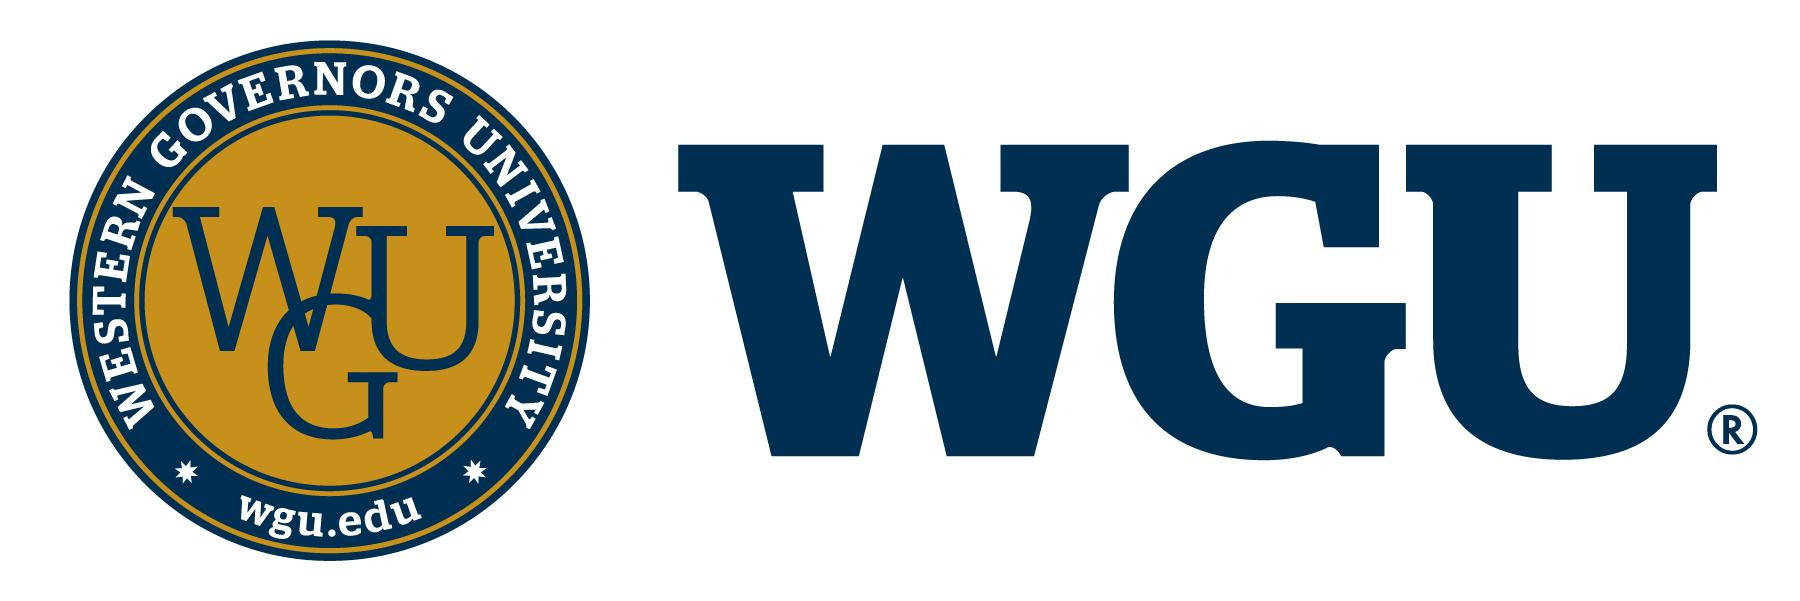 Wgu Logos.